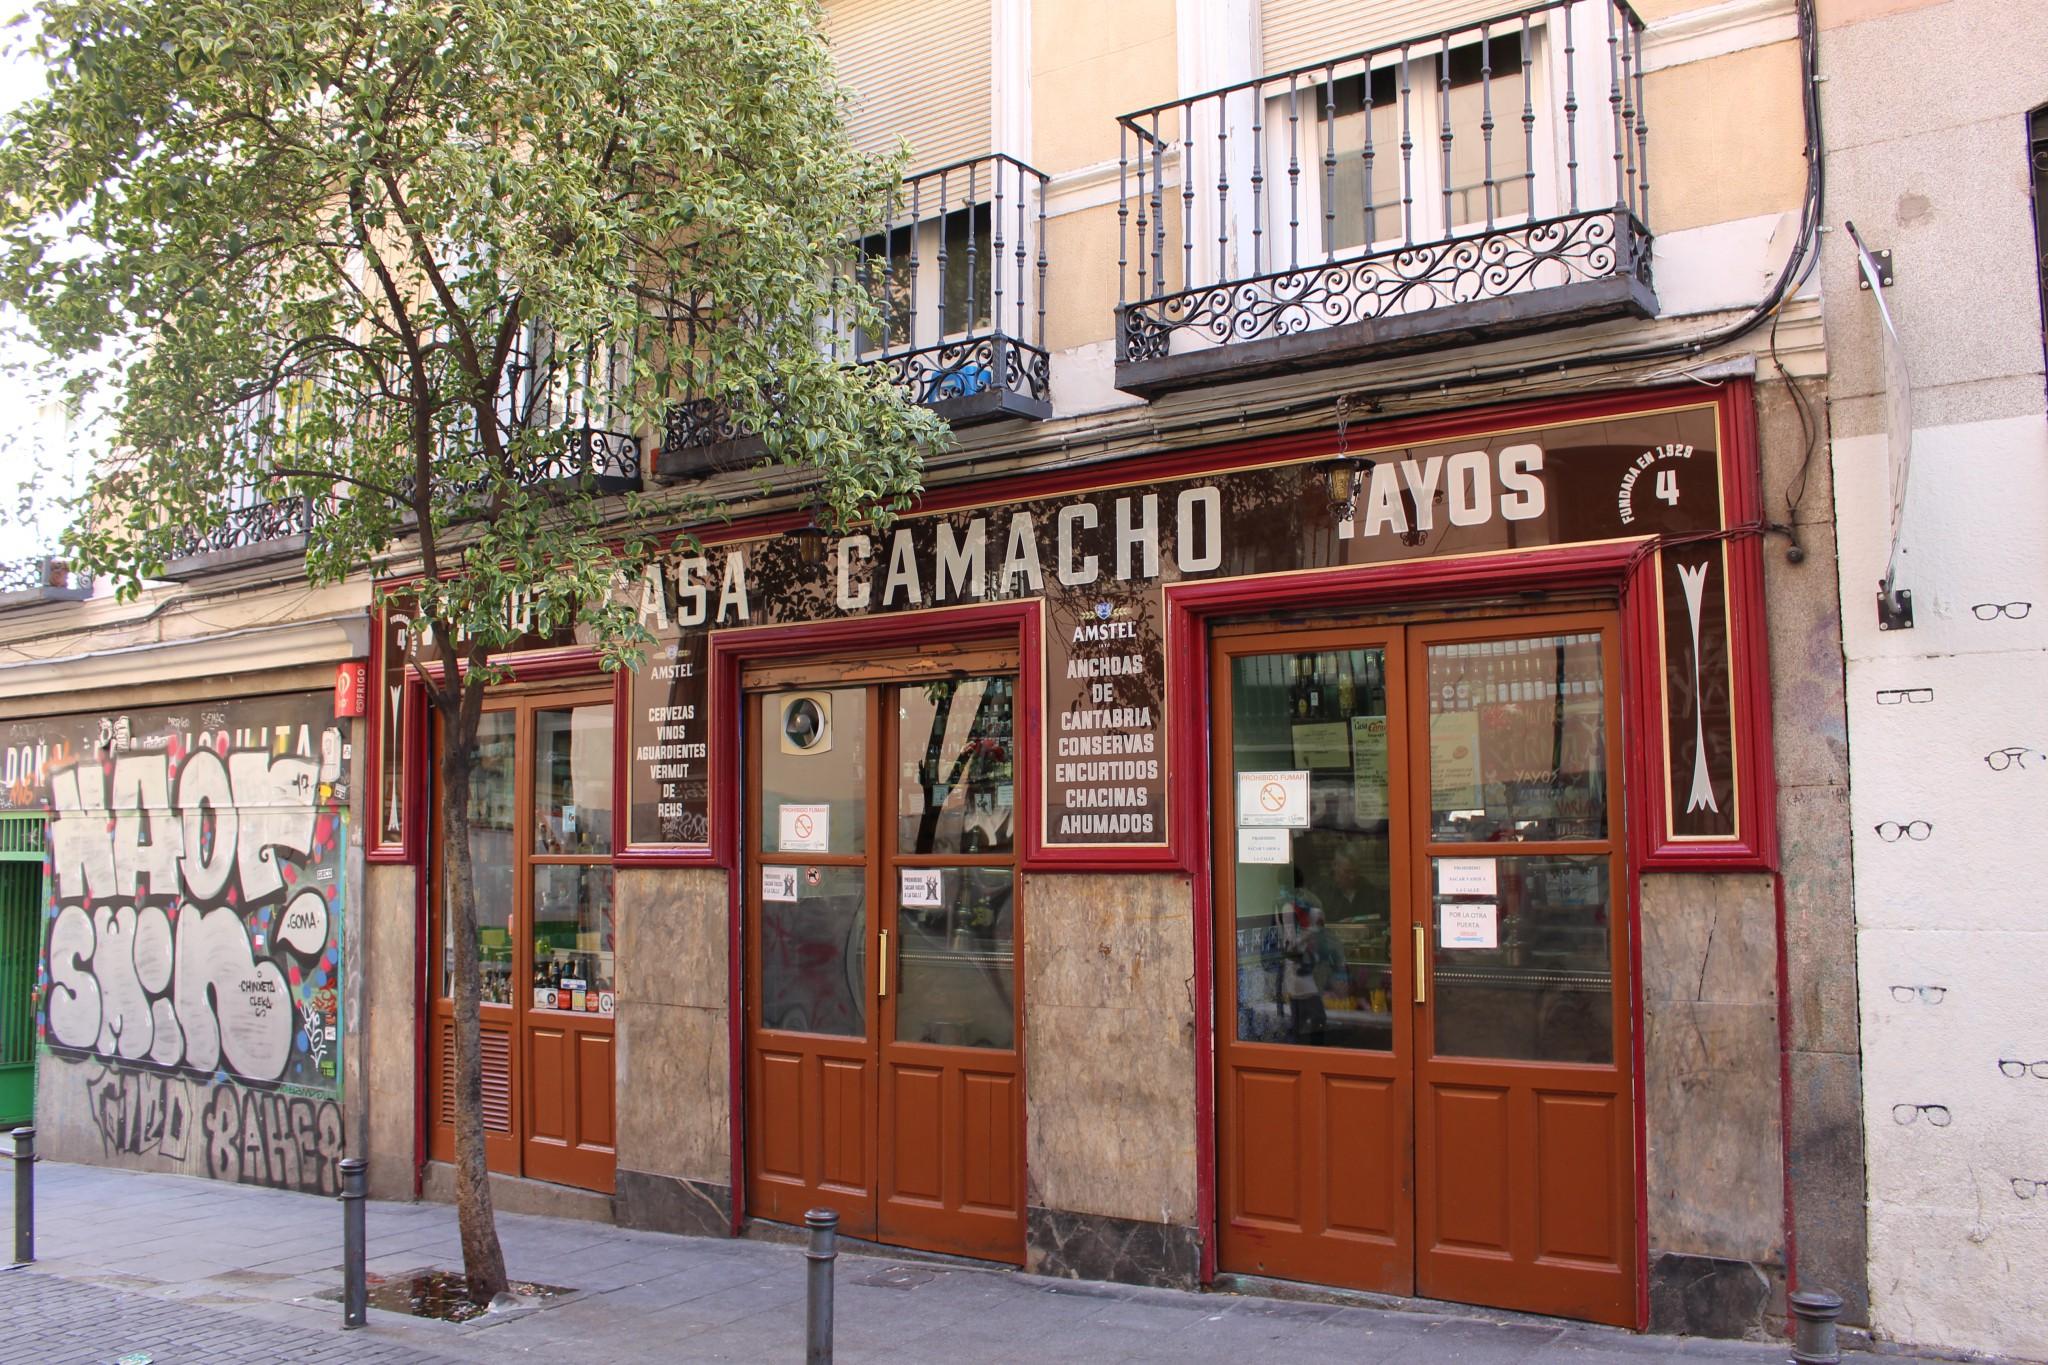 Casa Camacho - mejor vermut Madrid